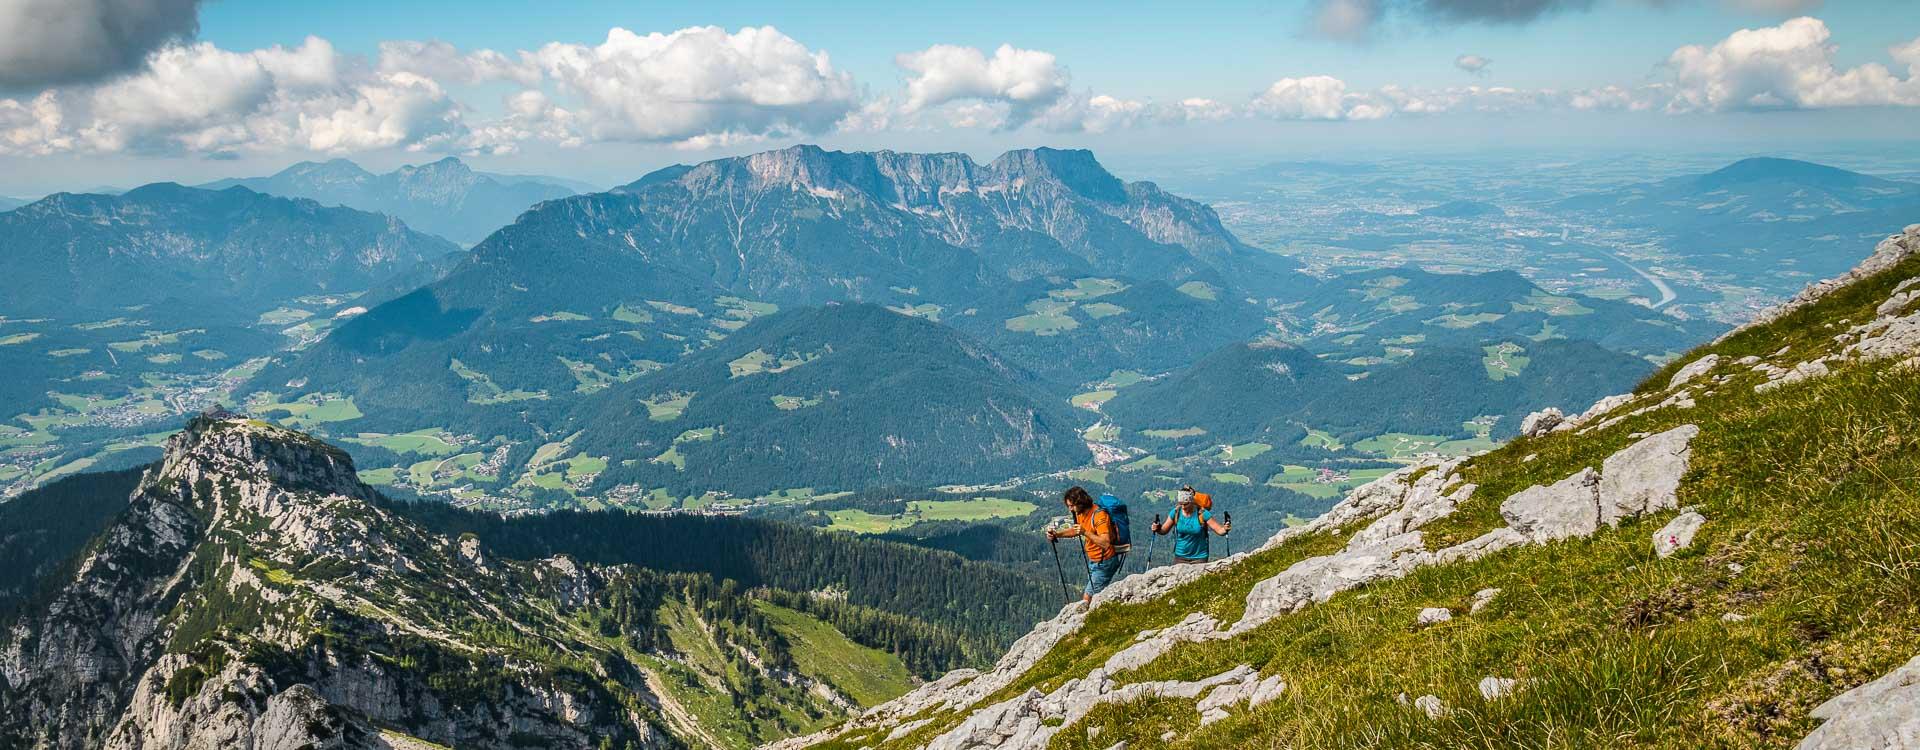 Wandern im Nationalpark bei Berchtesgaden